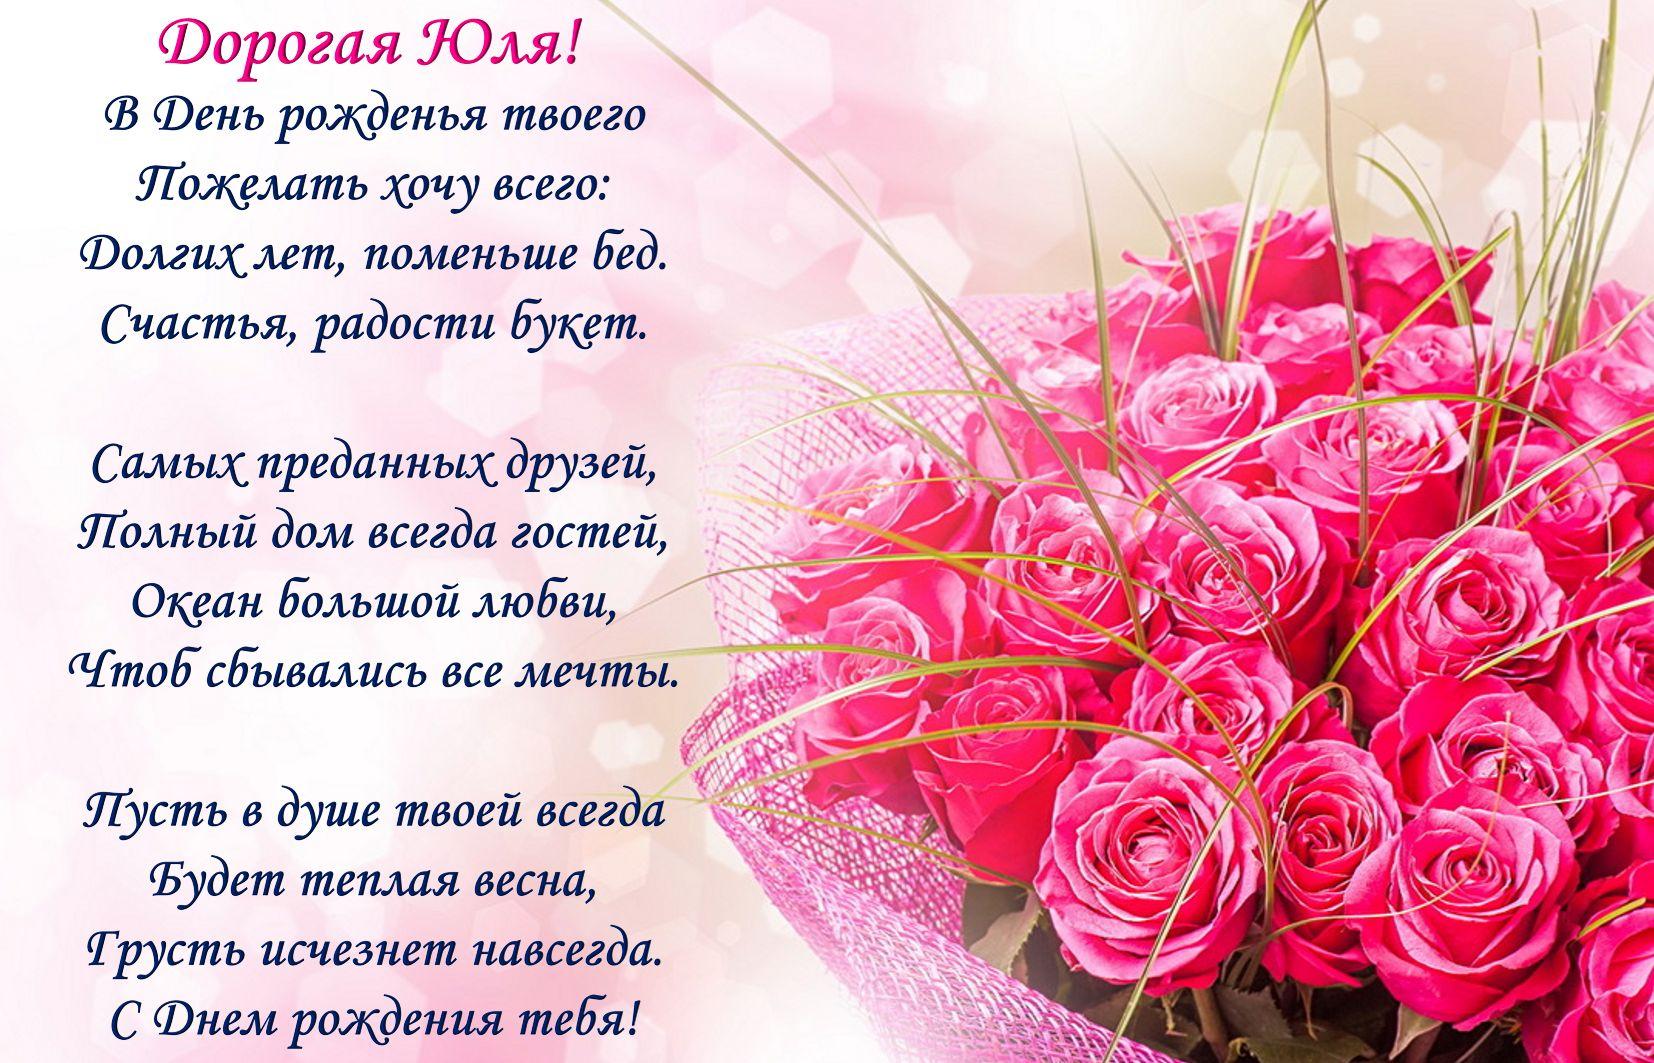 Открытка на День рождения Юлии - красивое пожелание и букет ярких роз